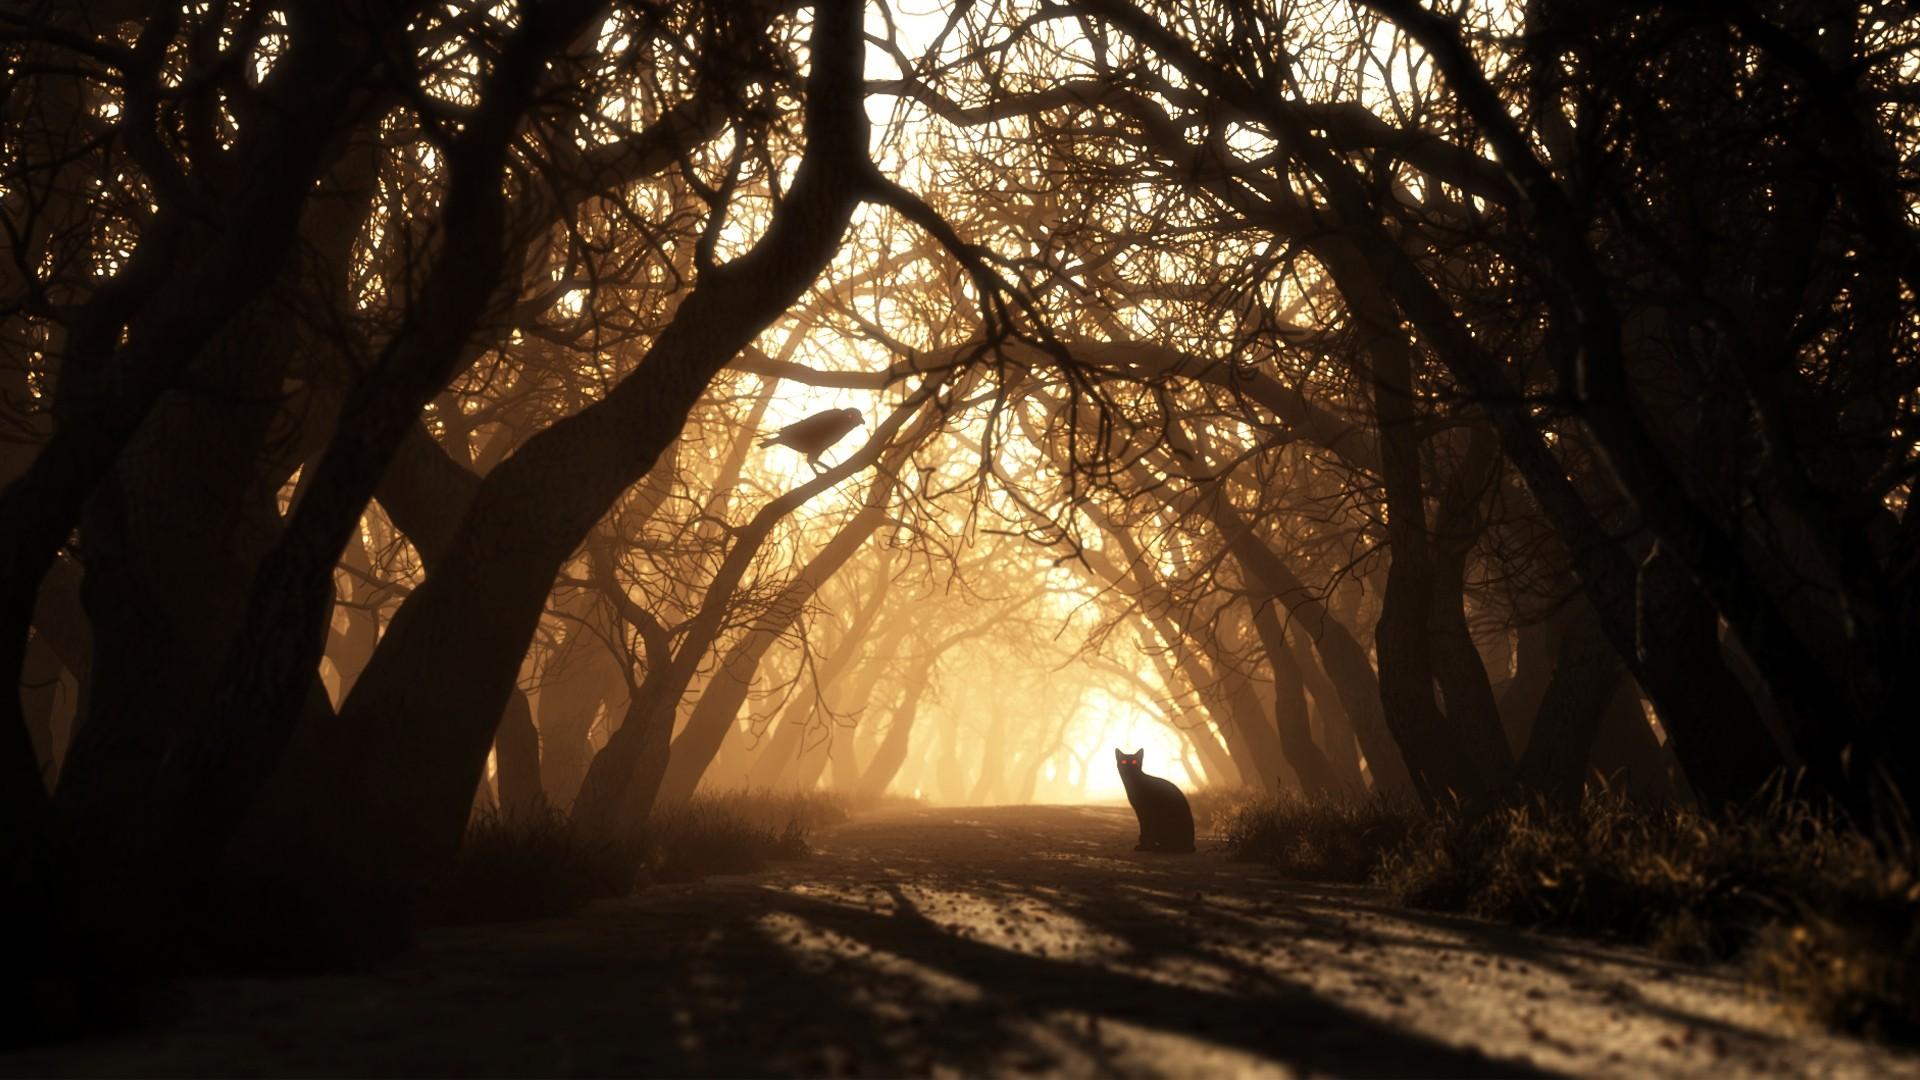 Augen Bäume Herbst Dunkle Nacht Wald Wald Wallpaper